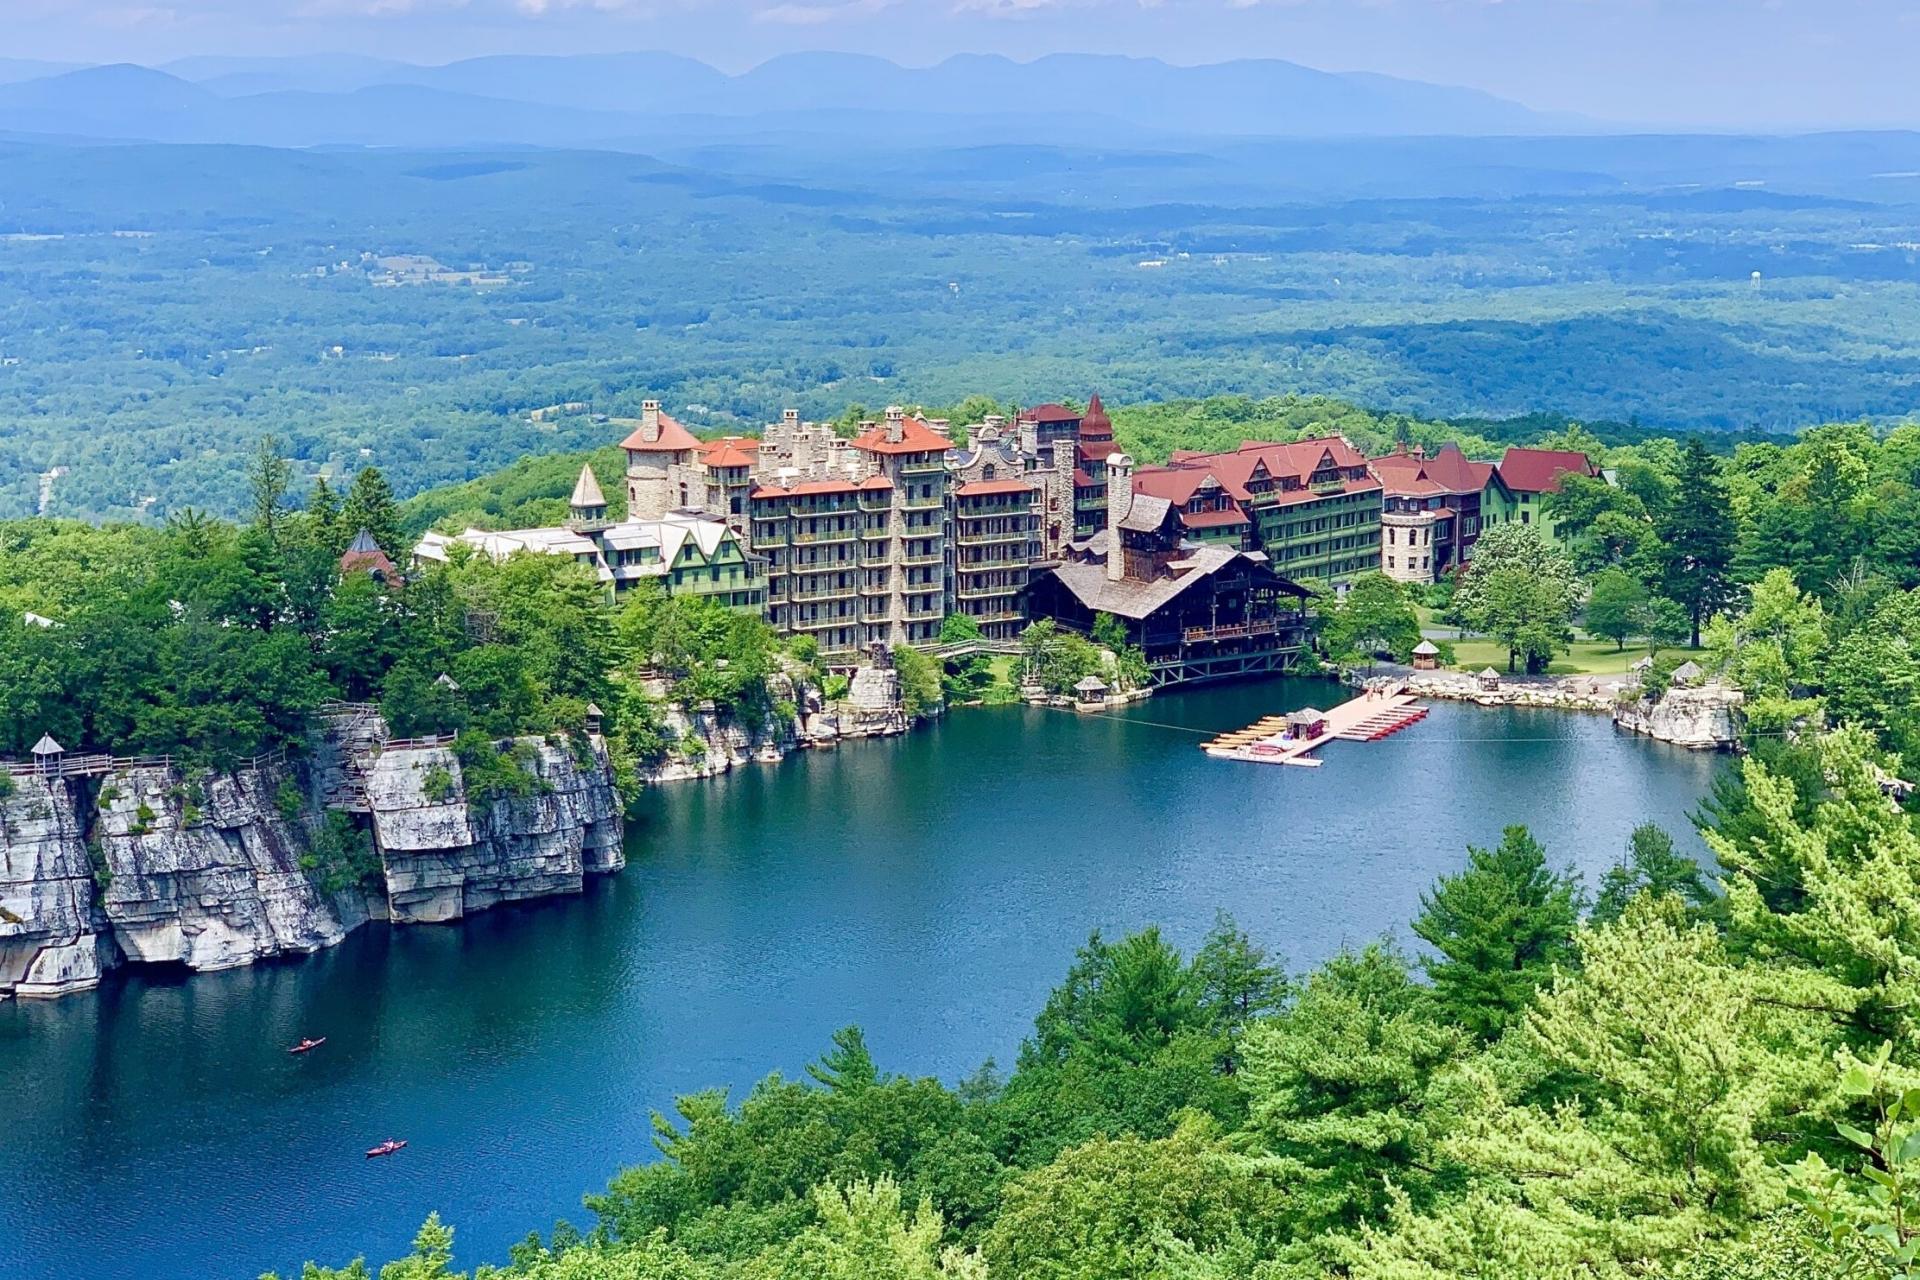 Khách sạn lâu đài hơn 150 năm tuổi nằm giữa rừng